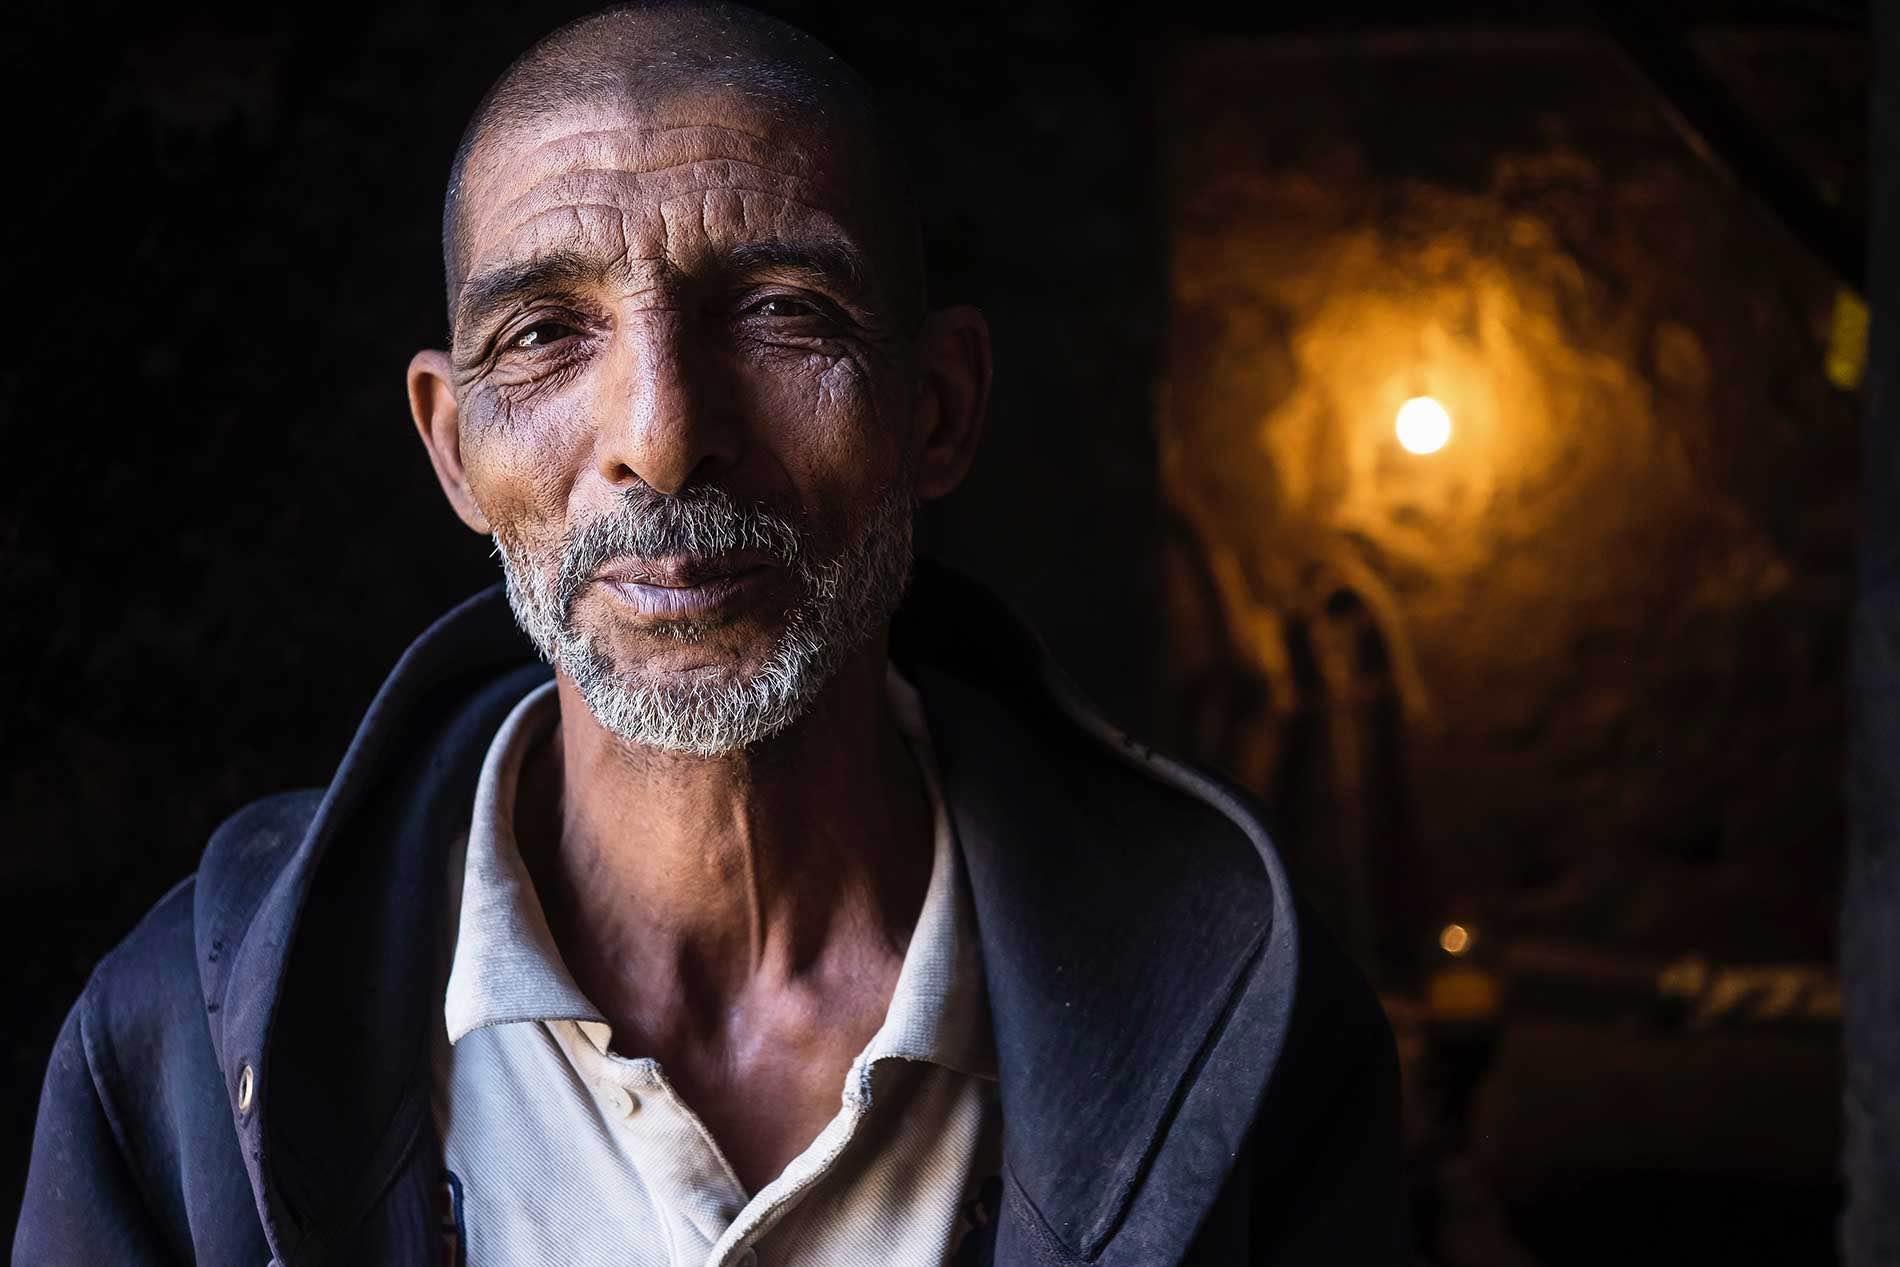 Reportage | Portrait